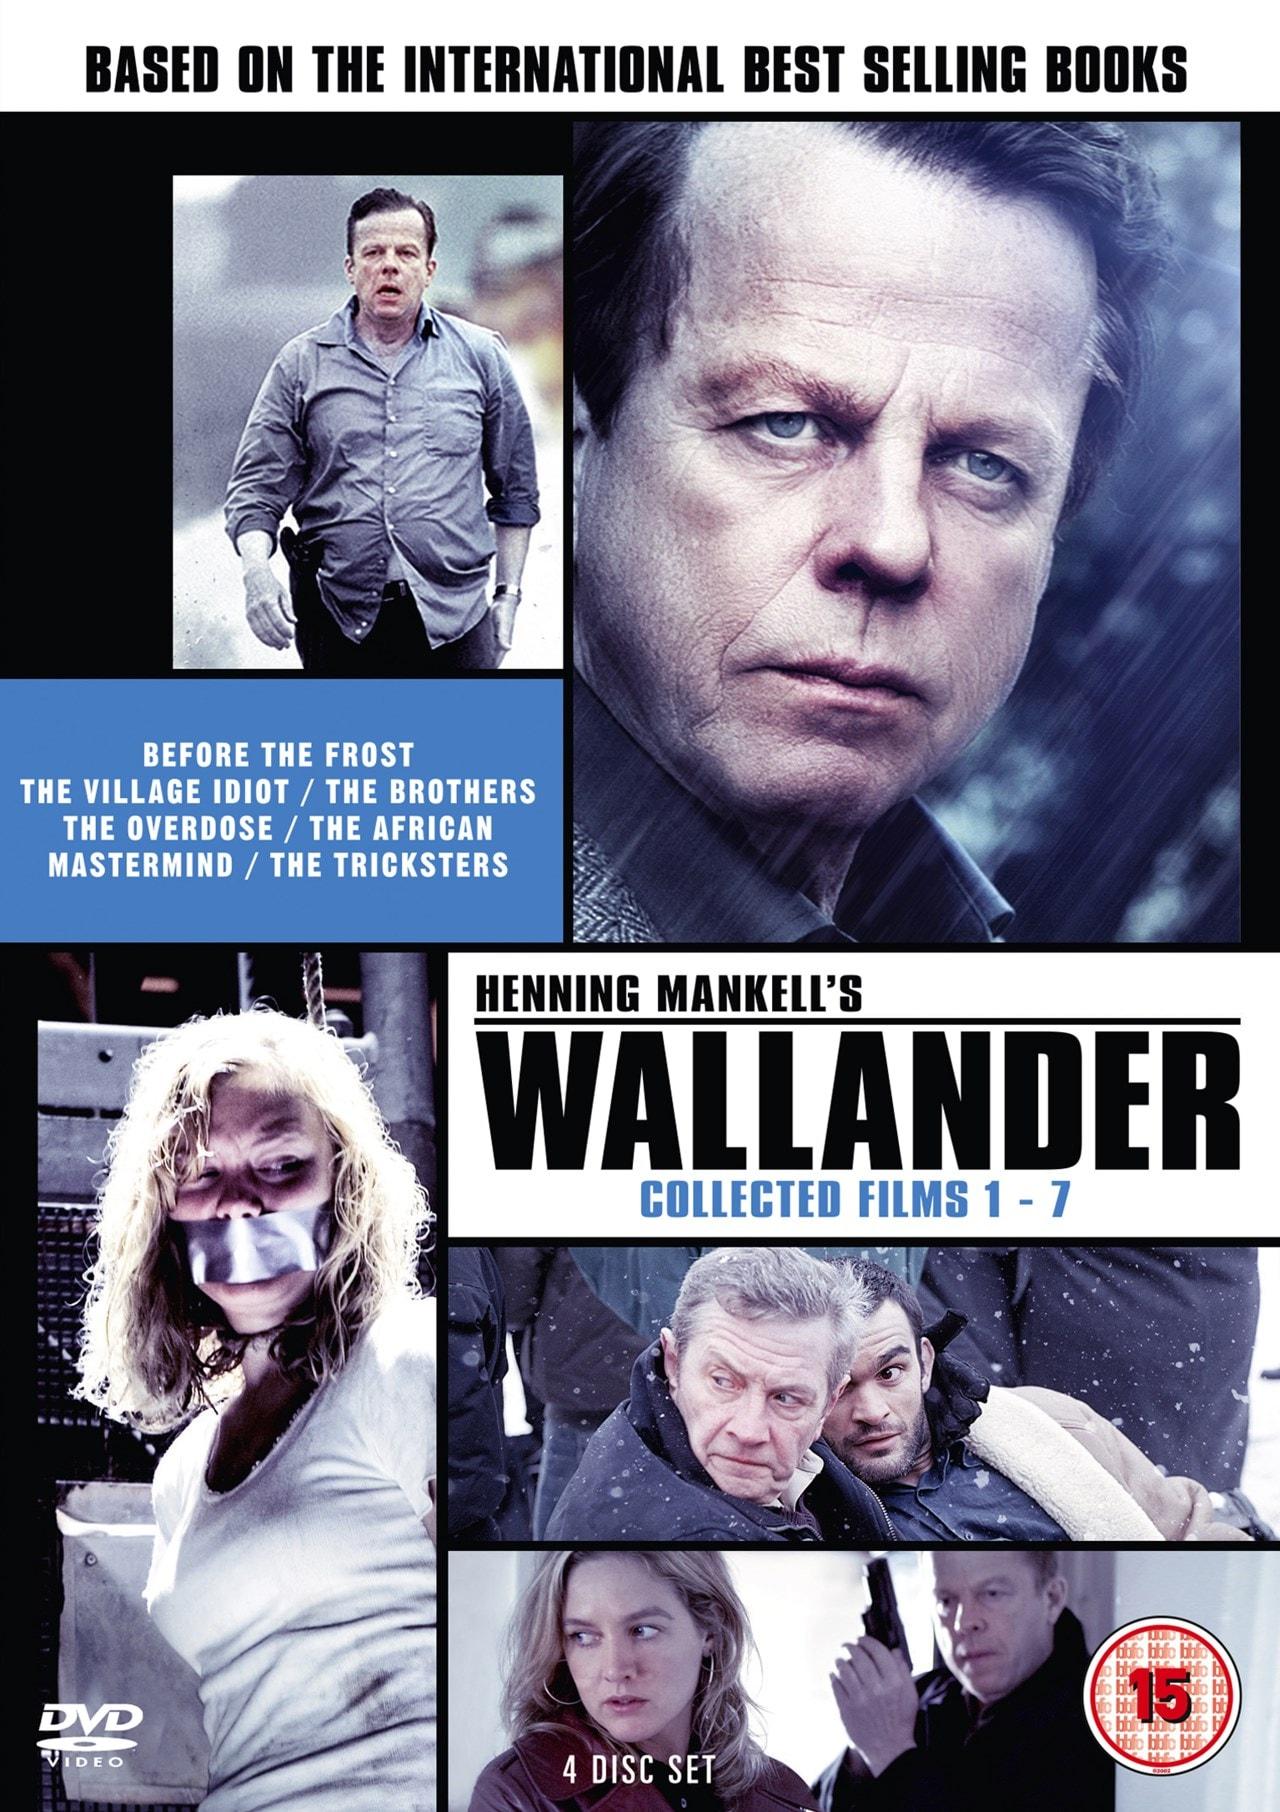 Wallander: Collected Films 1-7 - 1